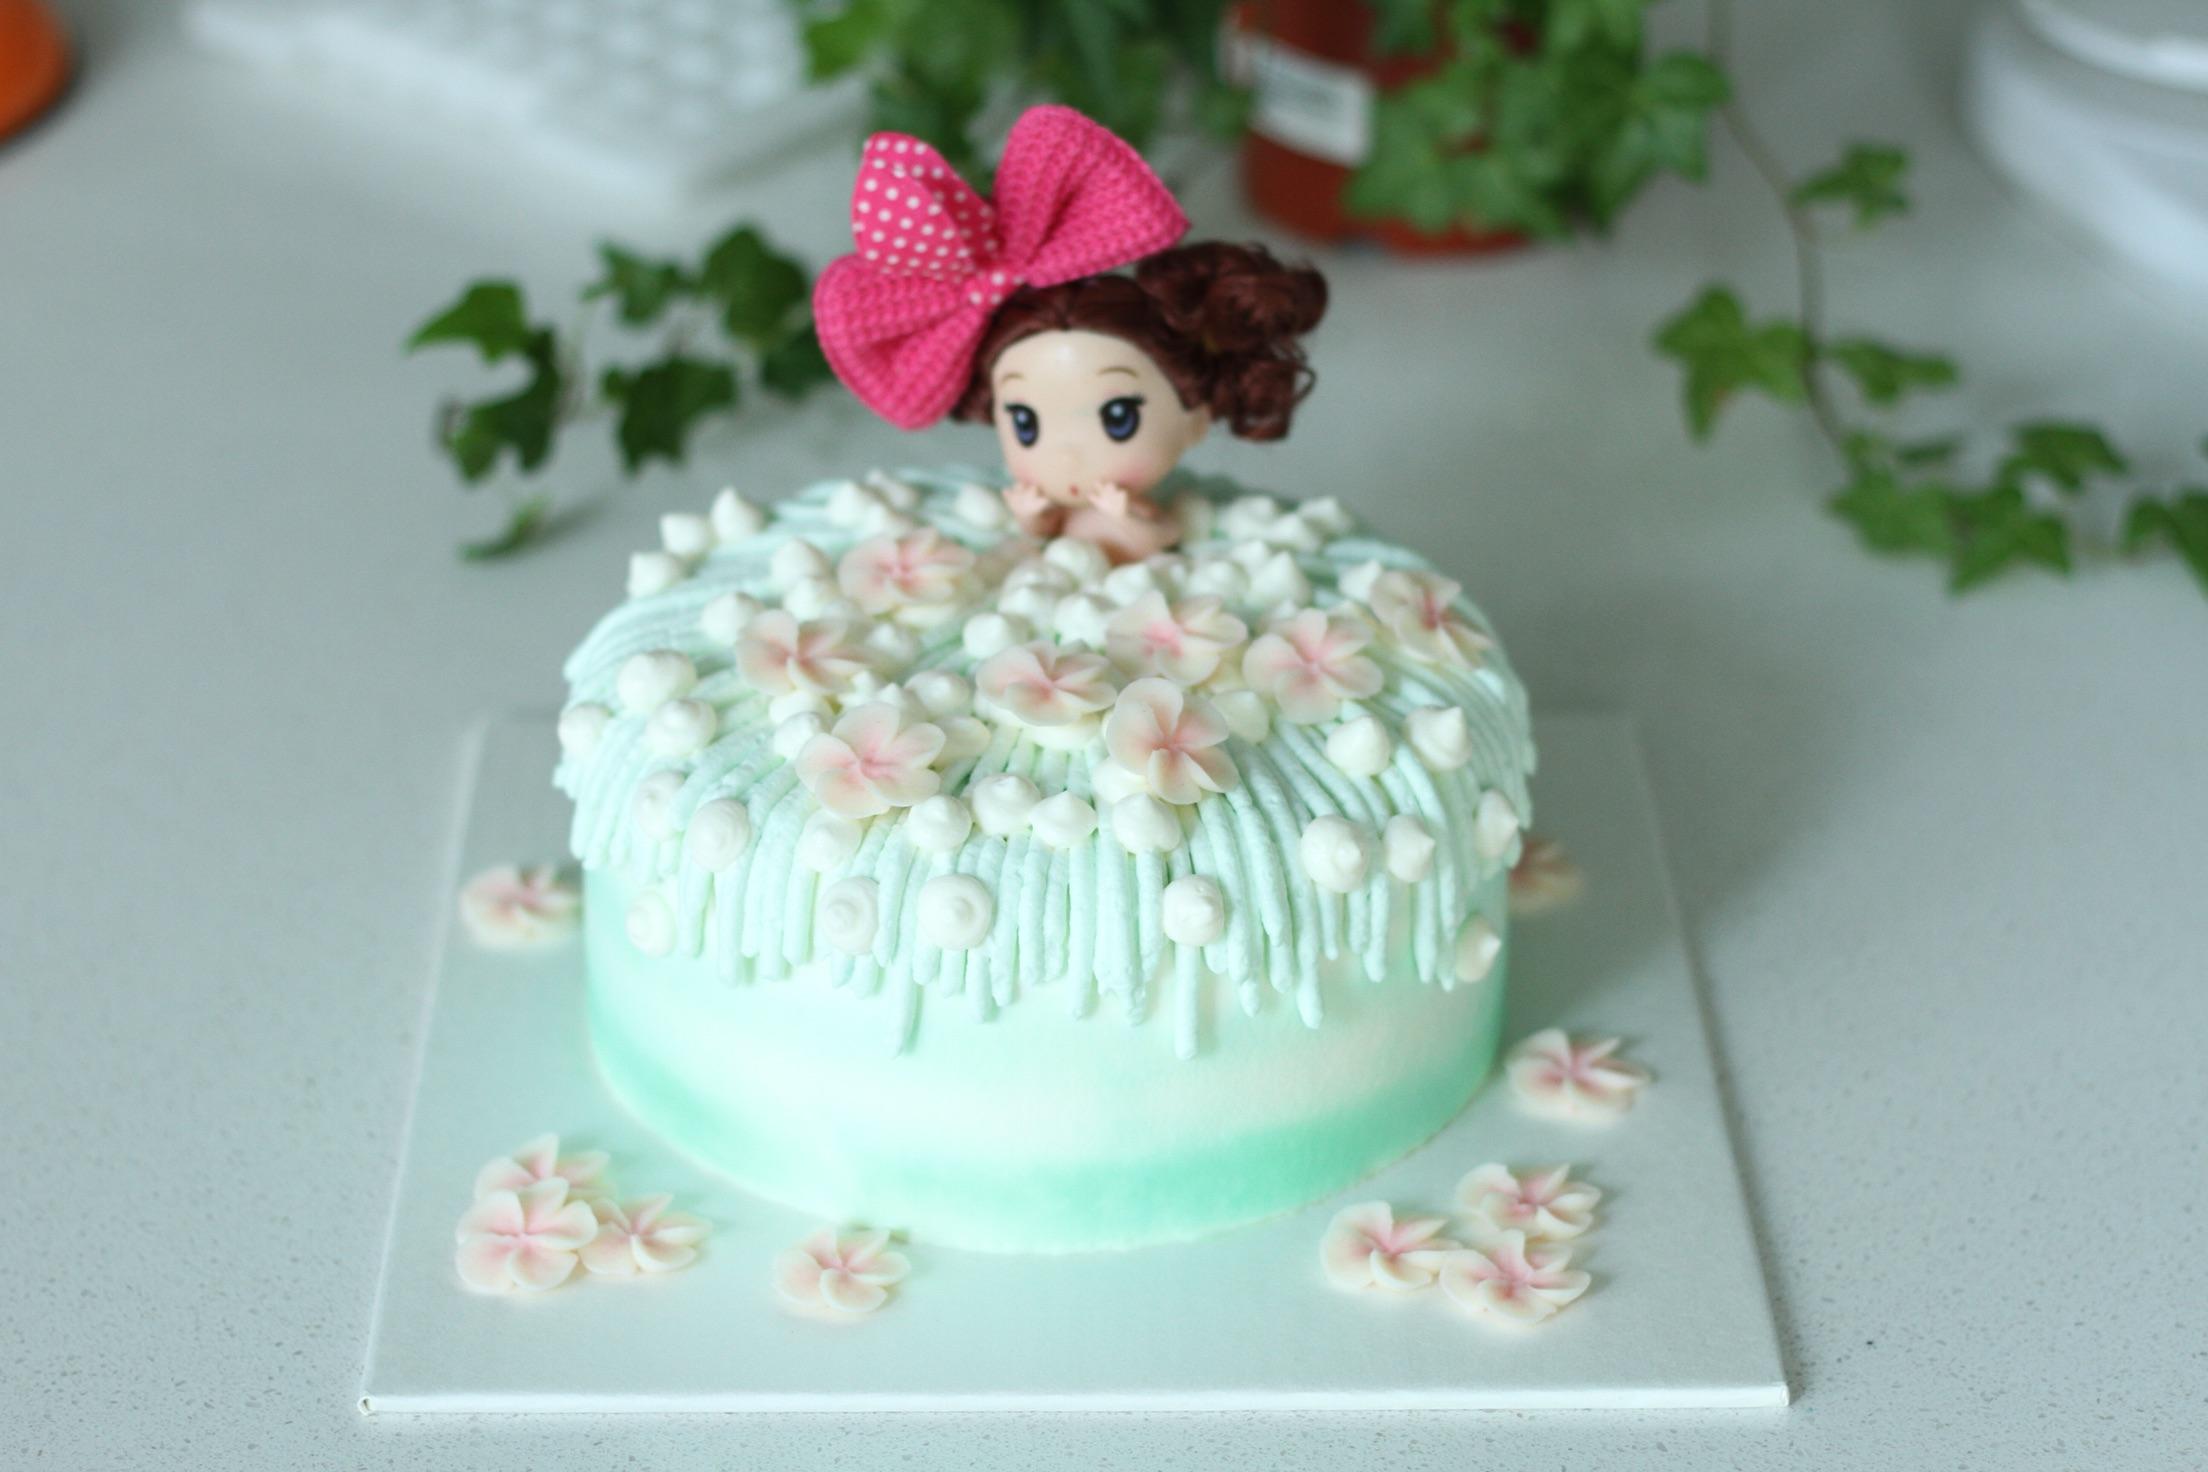 裱花袋2个 保鲜膜少量 泡泡浴娃娃蛋糕详细制作过程的做法步骤 小贴士